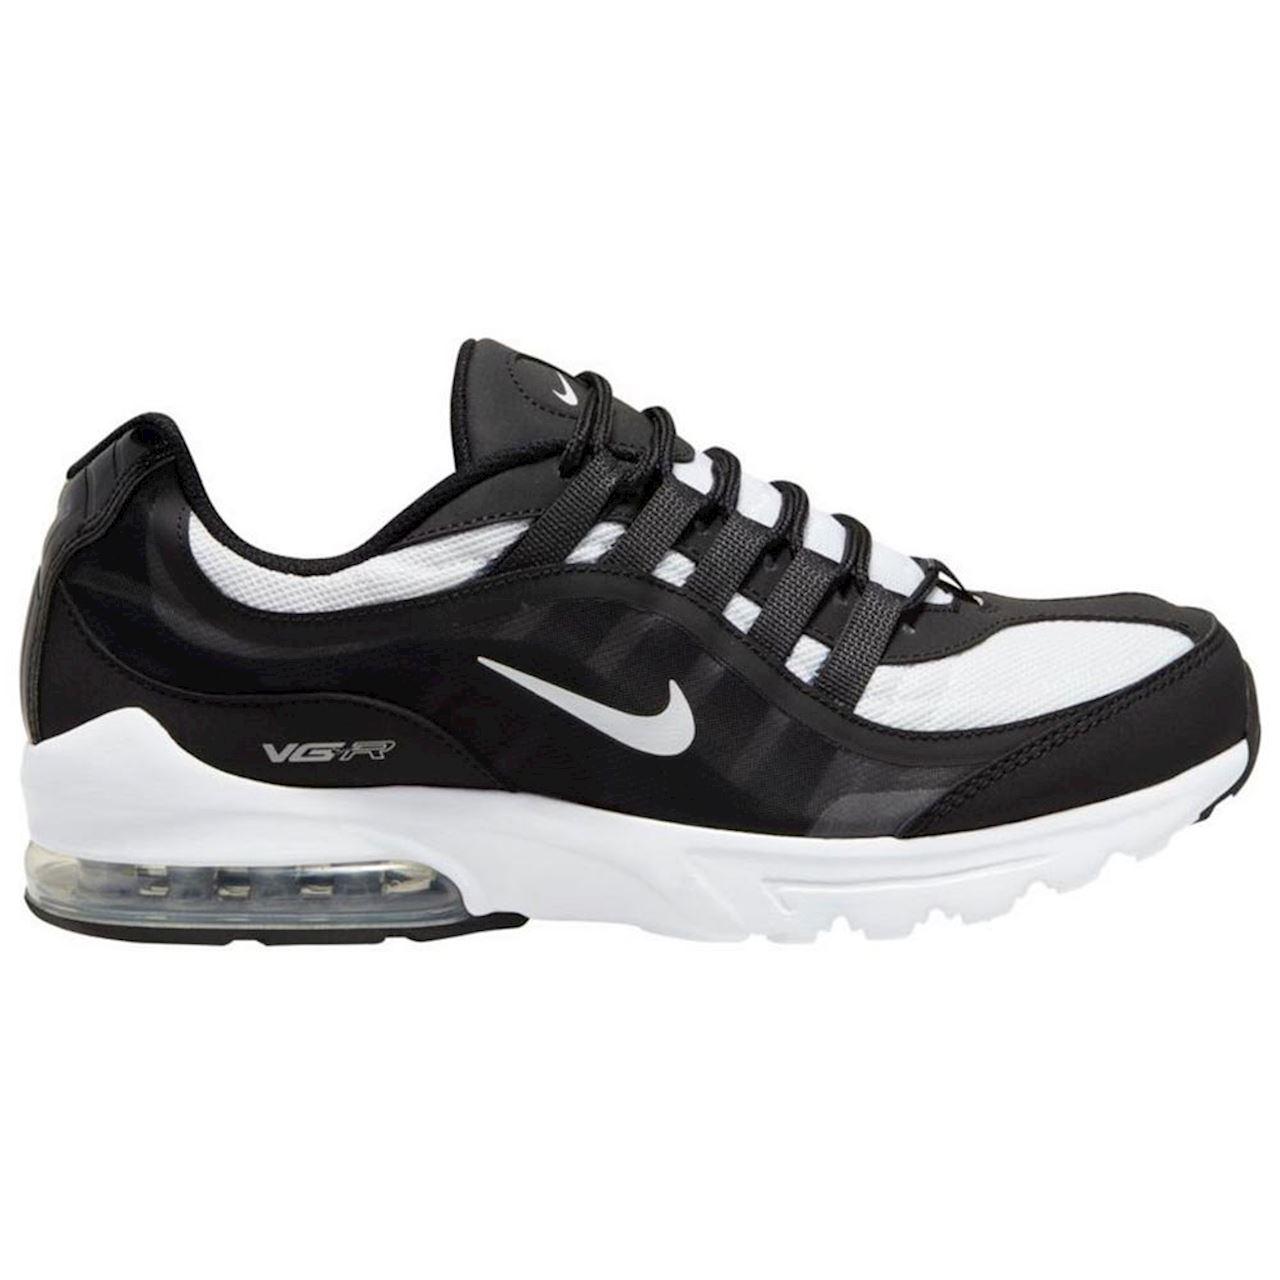 Zwart/witte heren sneakers Nike Air Max VG-R - CK7583-002